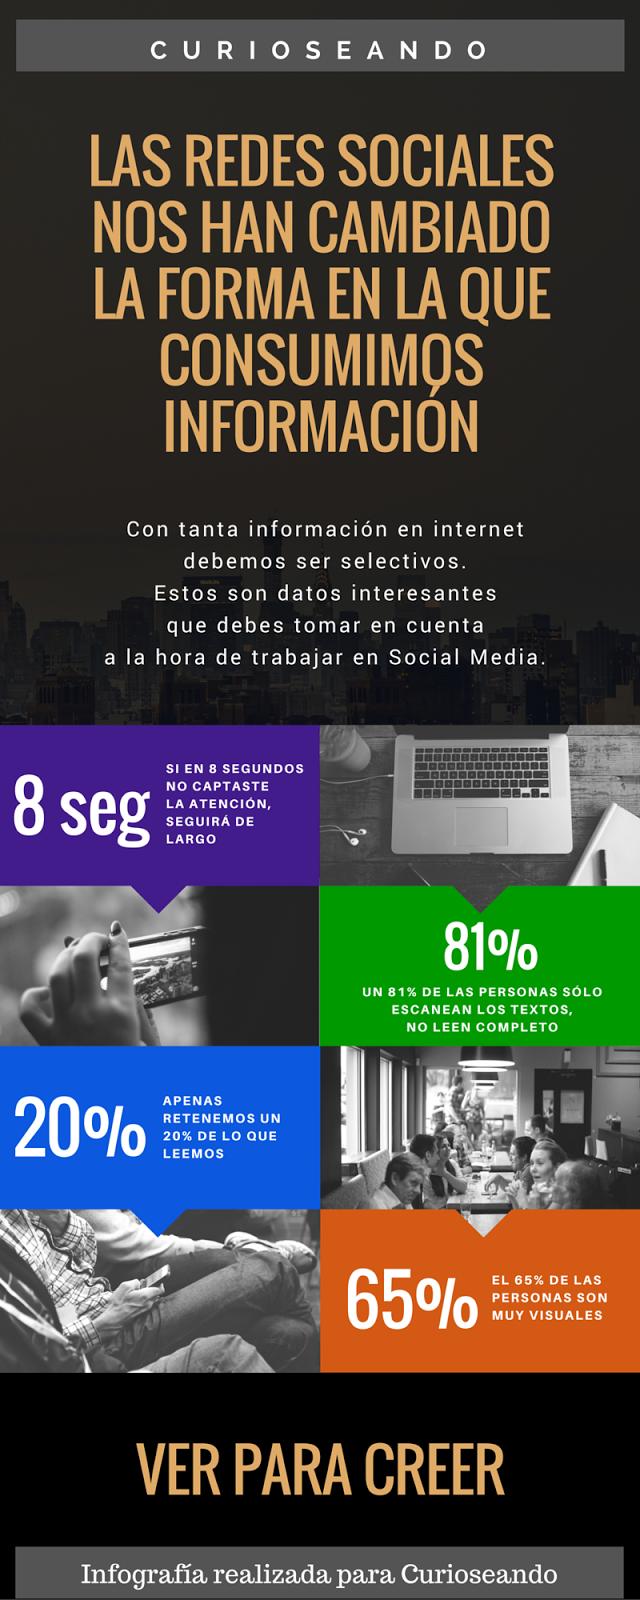 Las-redes-sociales-han-cambiado-la-forma-en-la-que-consumimos-información-infografia